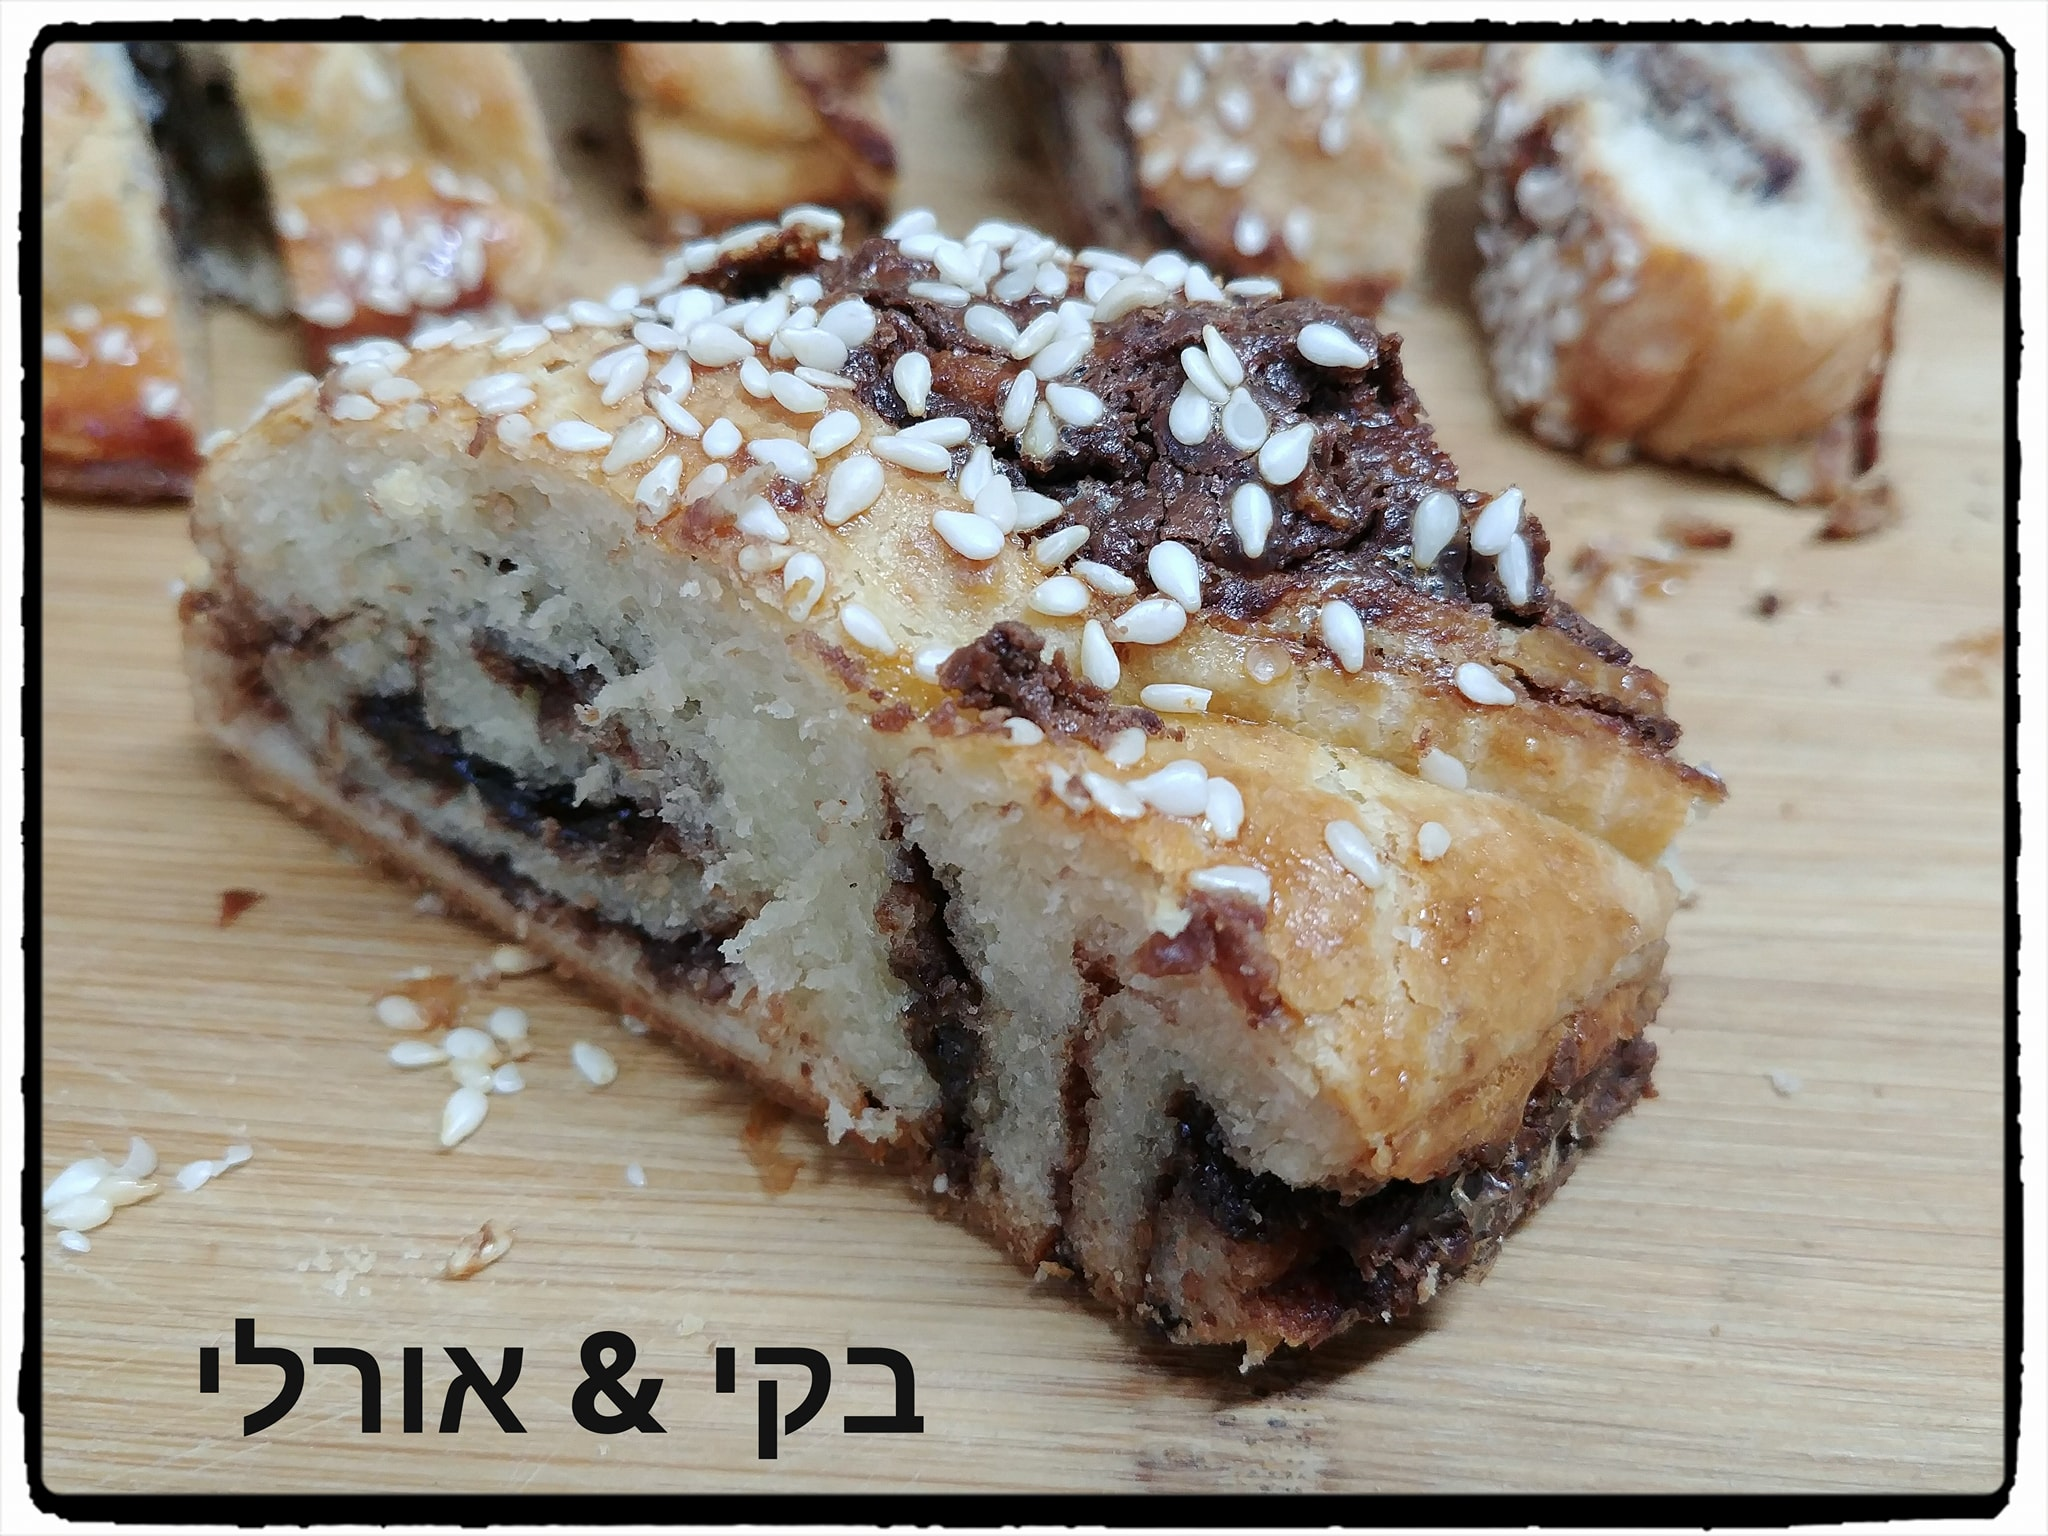 עוגיות רולדת שמרים משגעות עם ממרח טחינה-שוקולד בציפוי סילאן ושומשום